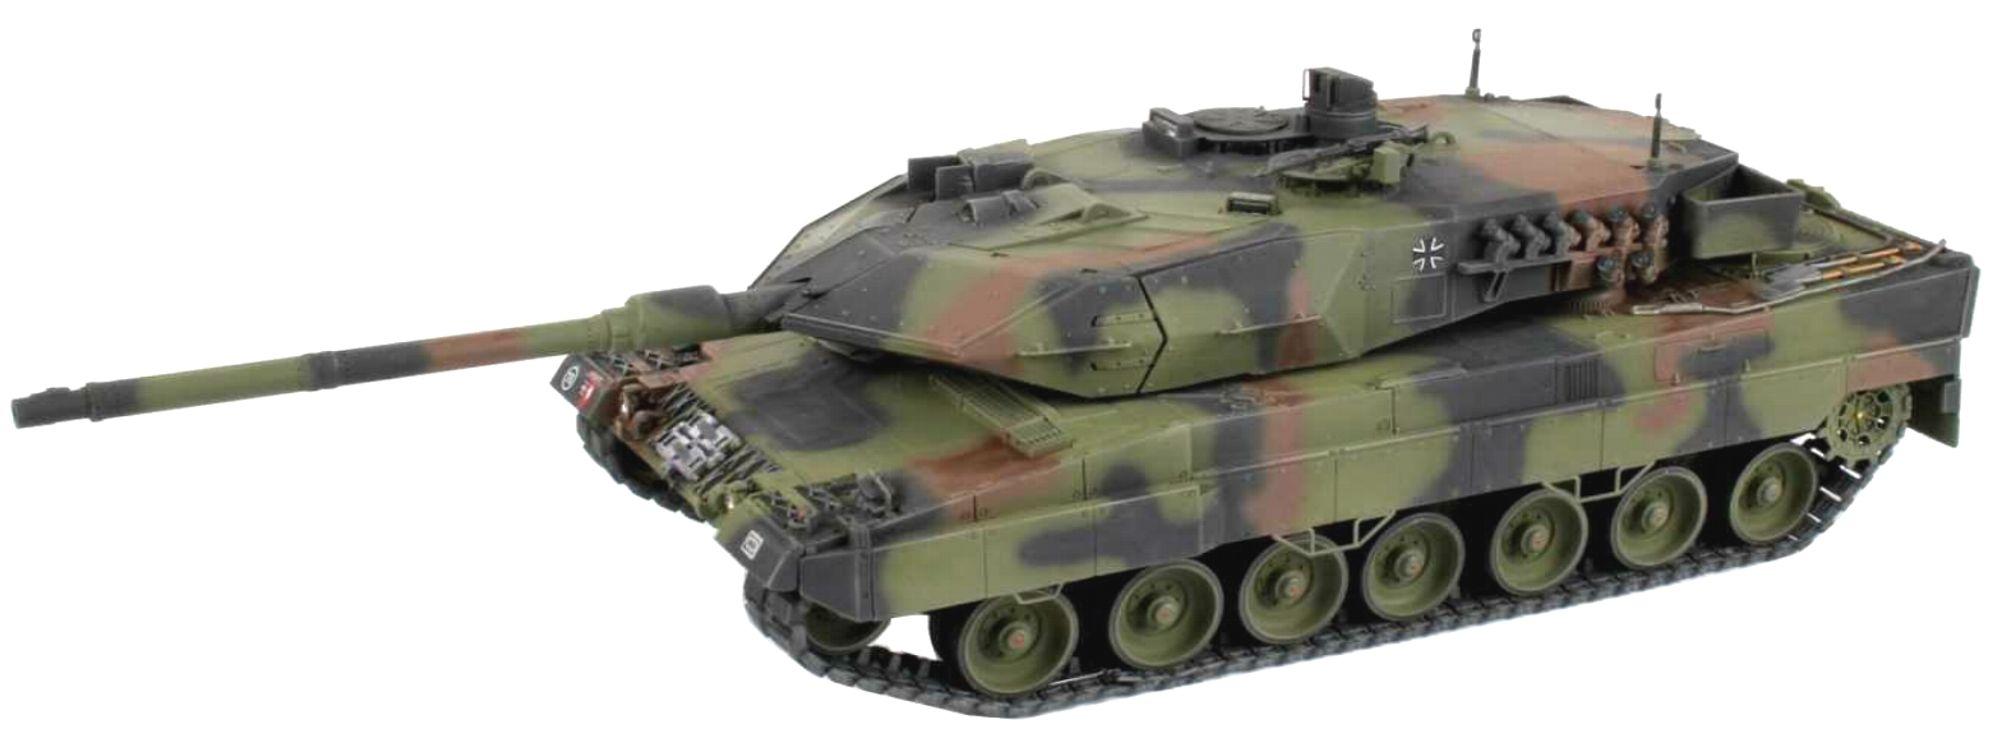 ausverkauft revell 03097 leopard 2a6 a6m panzer. Black Bedroom Furniture Sets. Home Design Ideas